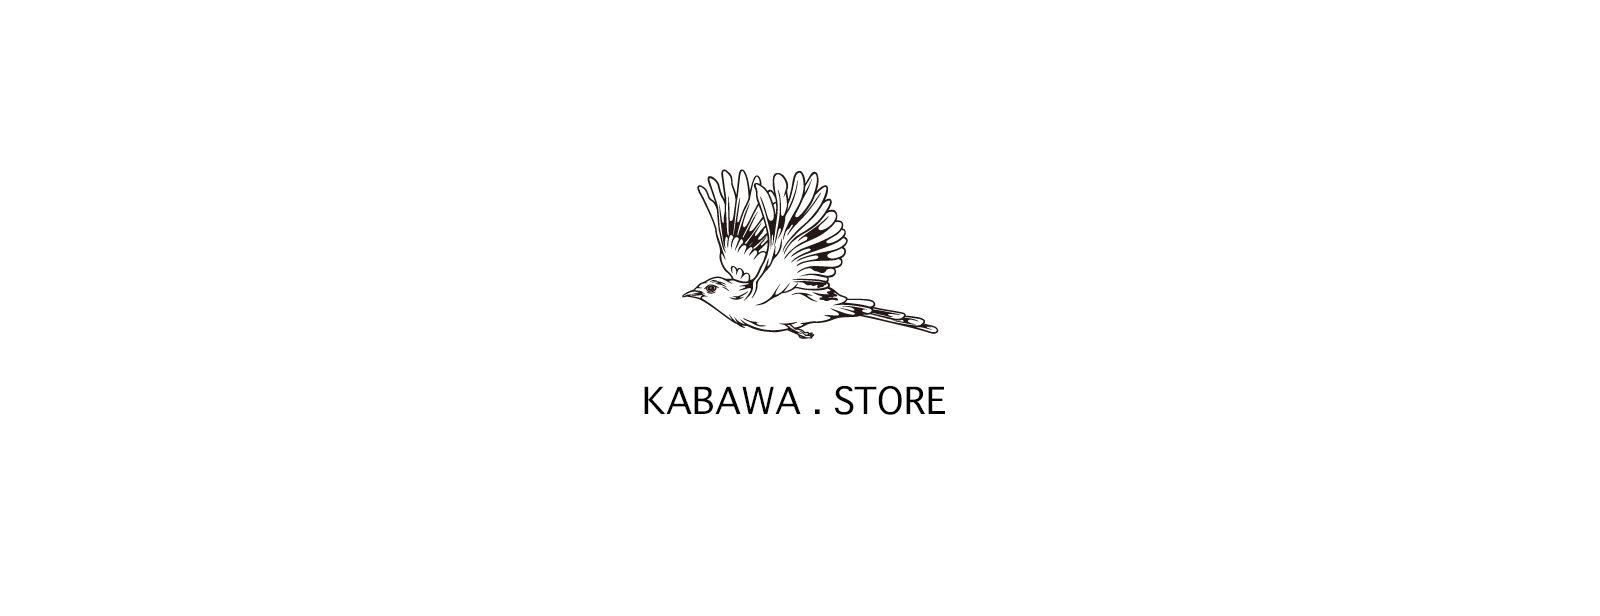 KABWA . STORE